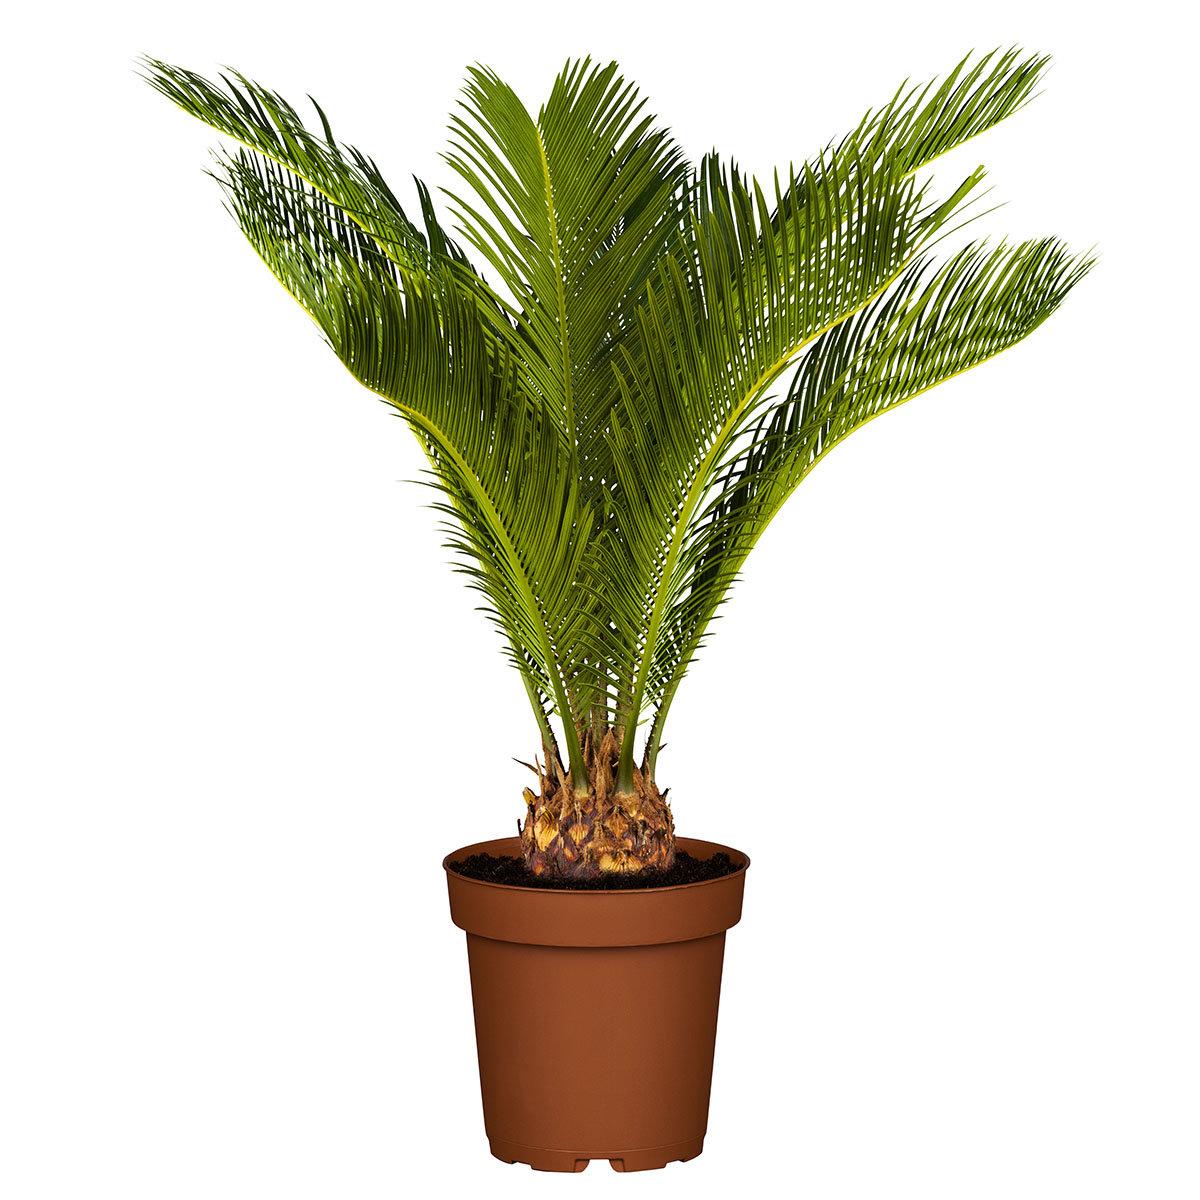 Palmfarn | #2